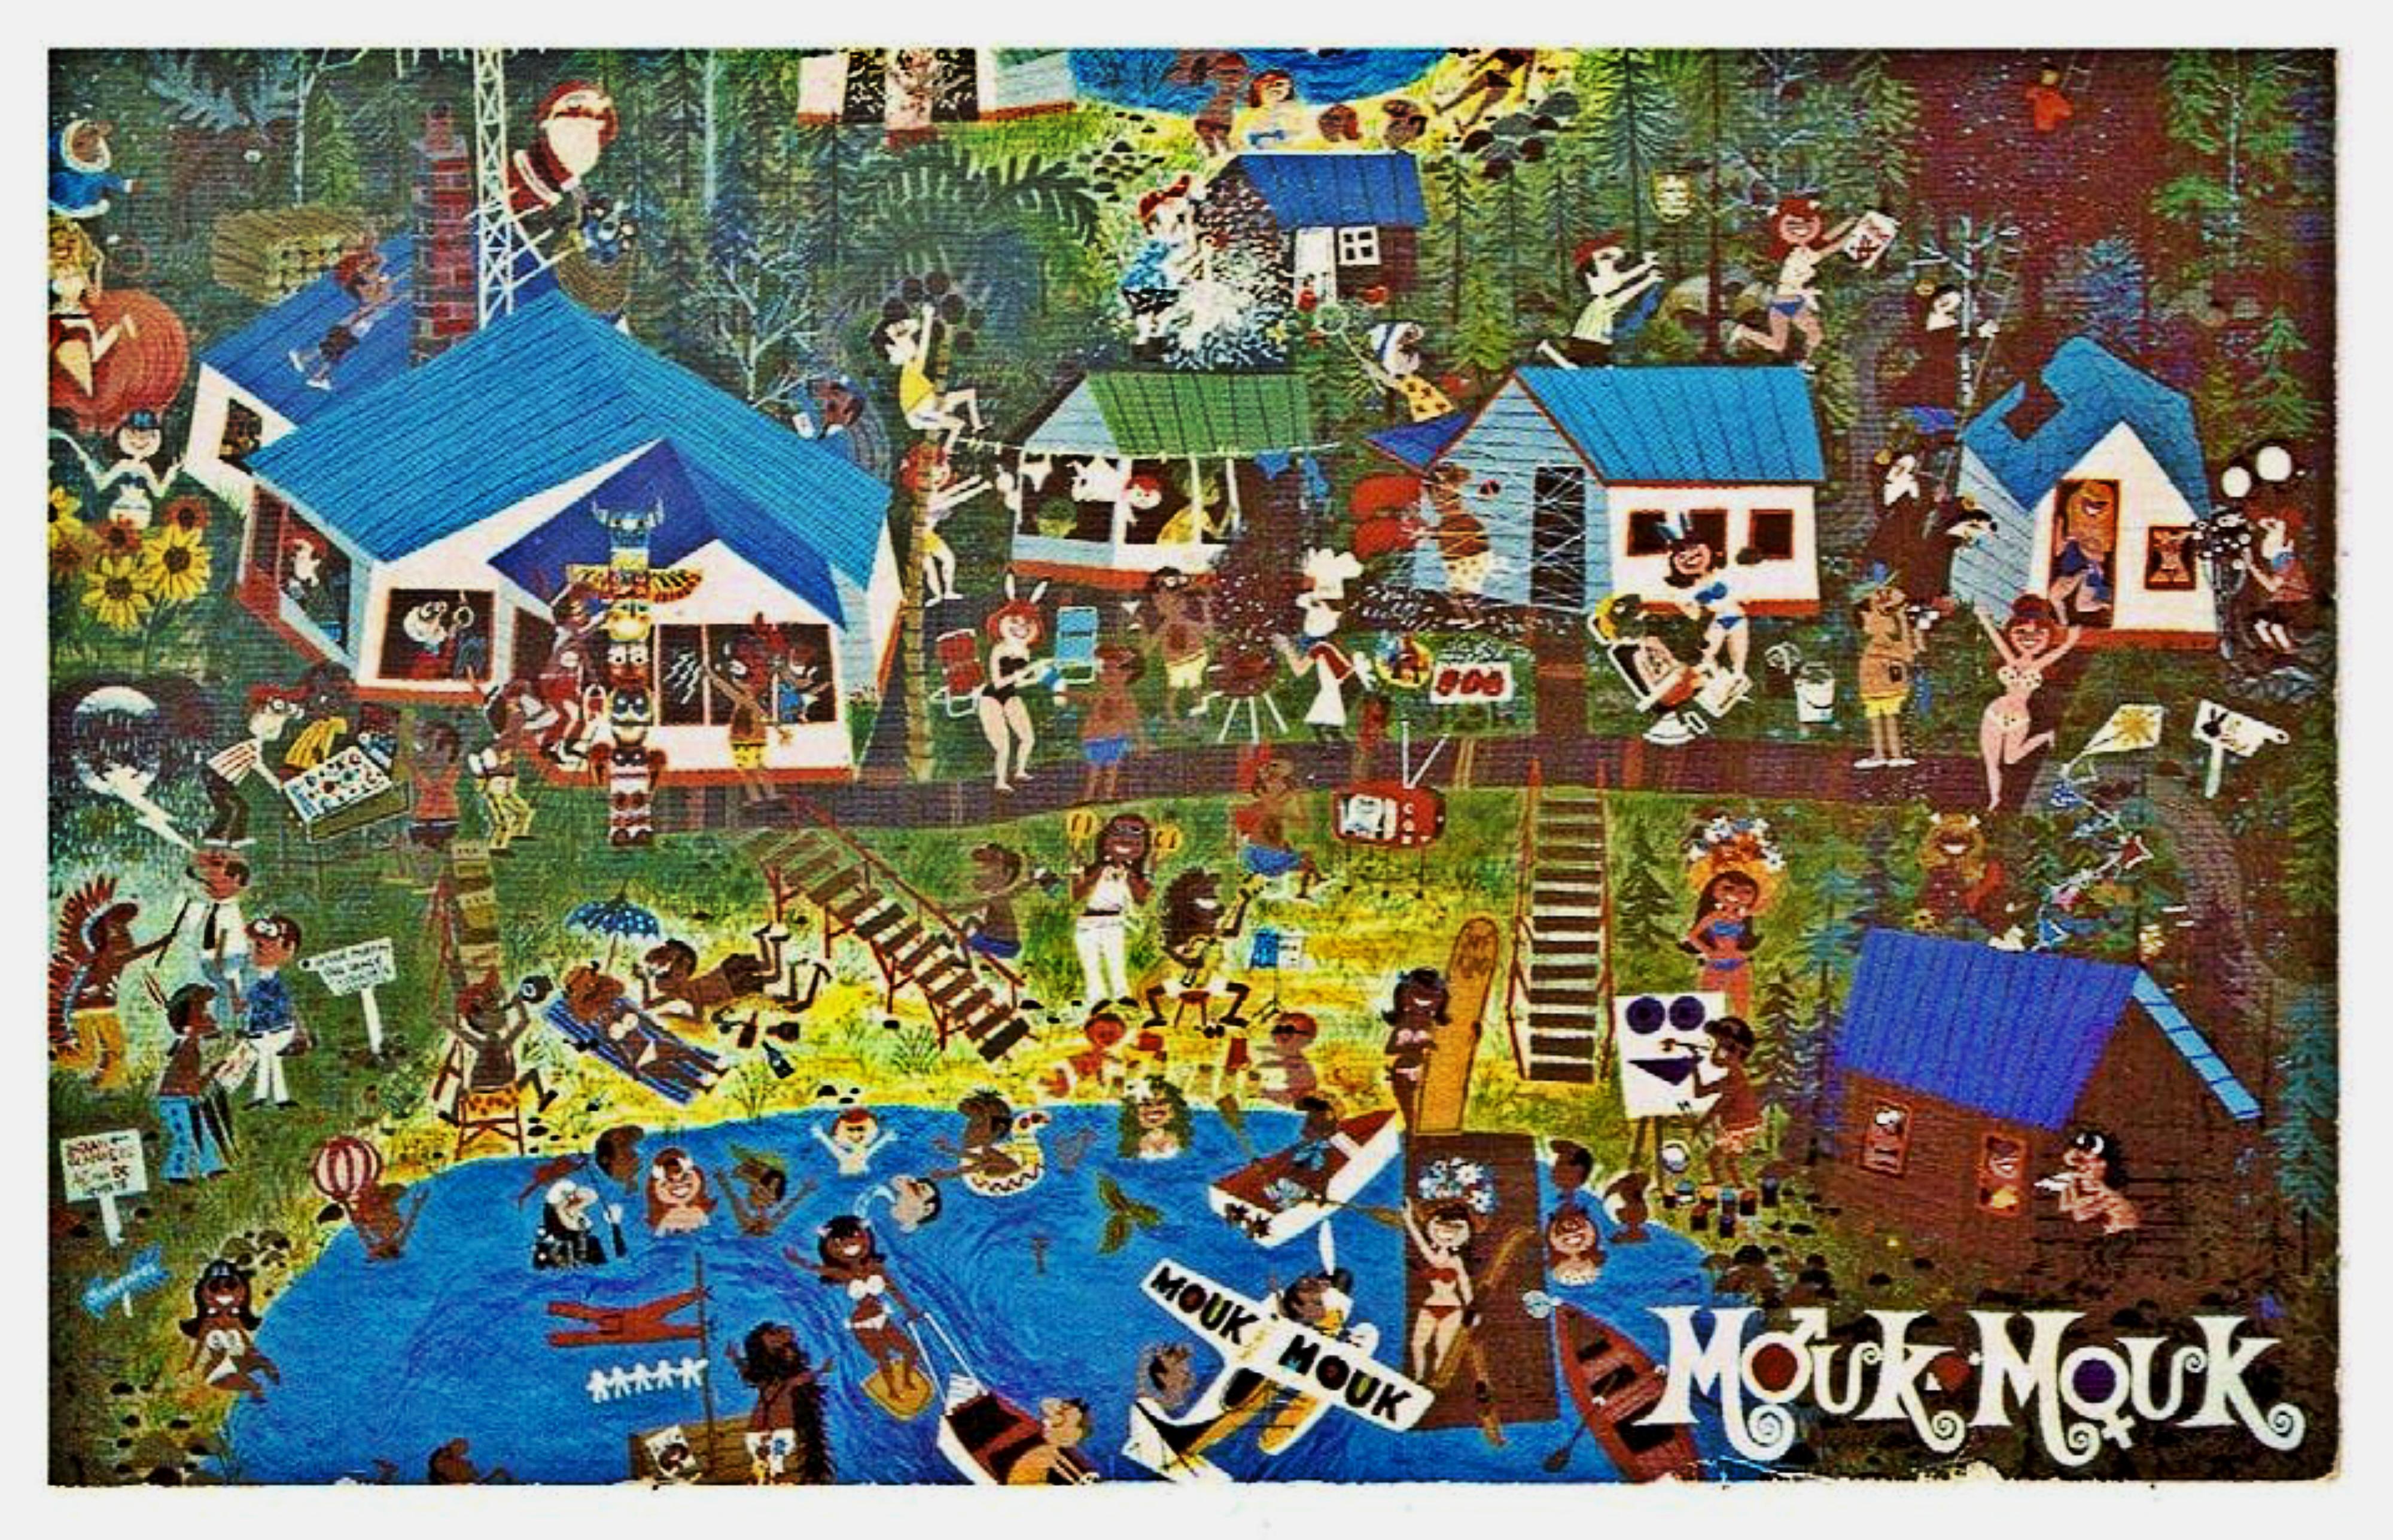 île mouk-mouk